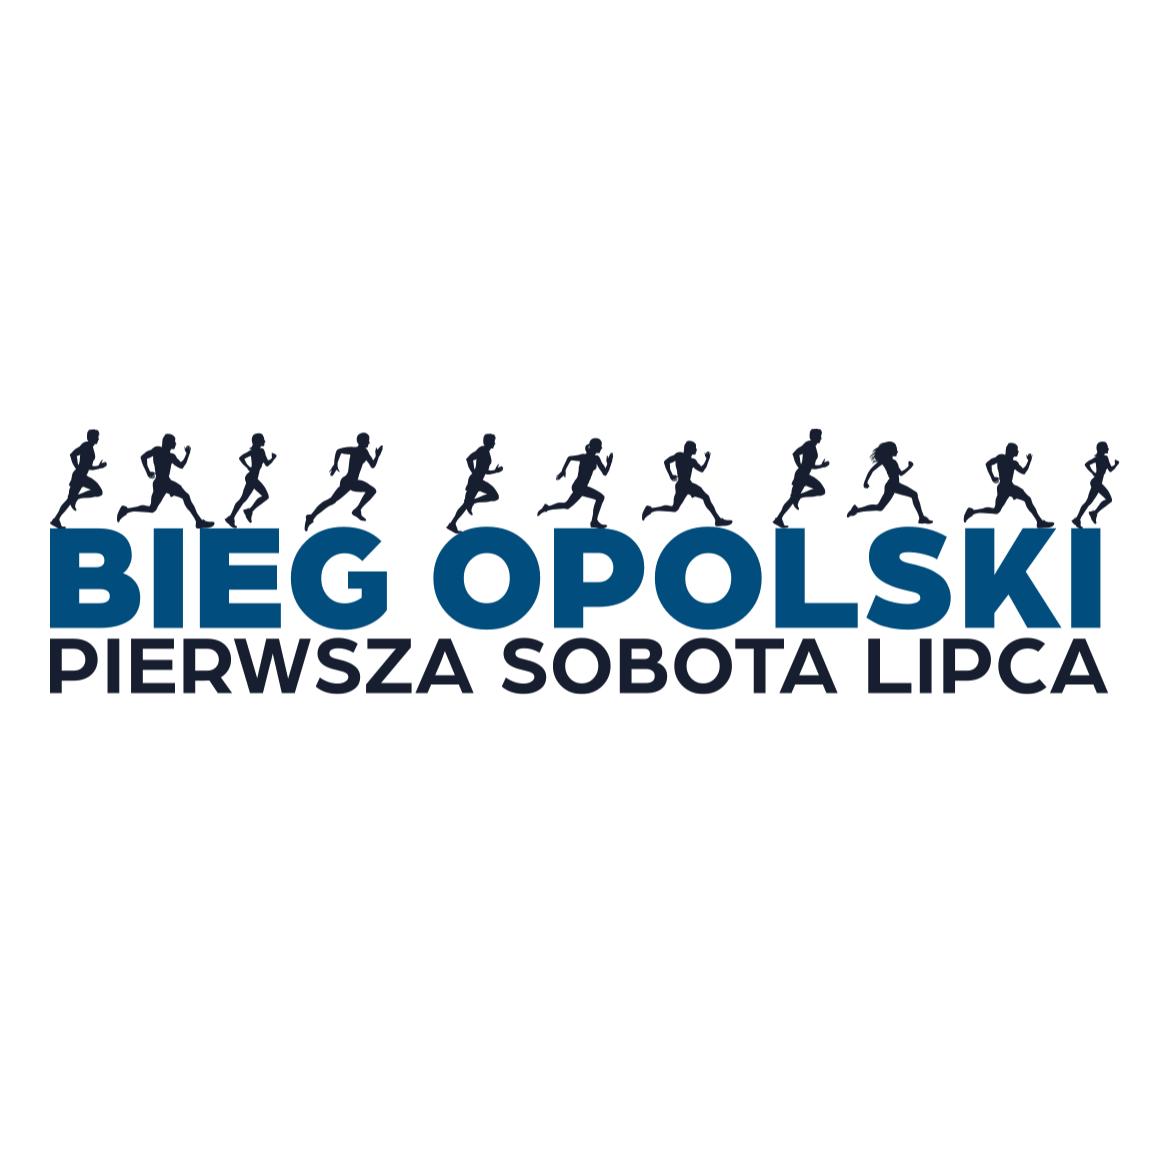 Bieg Opolski